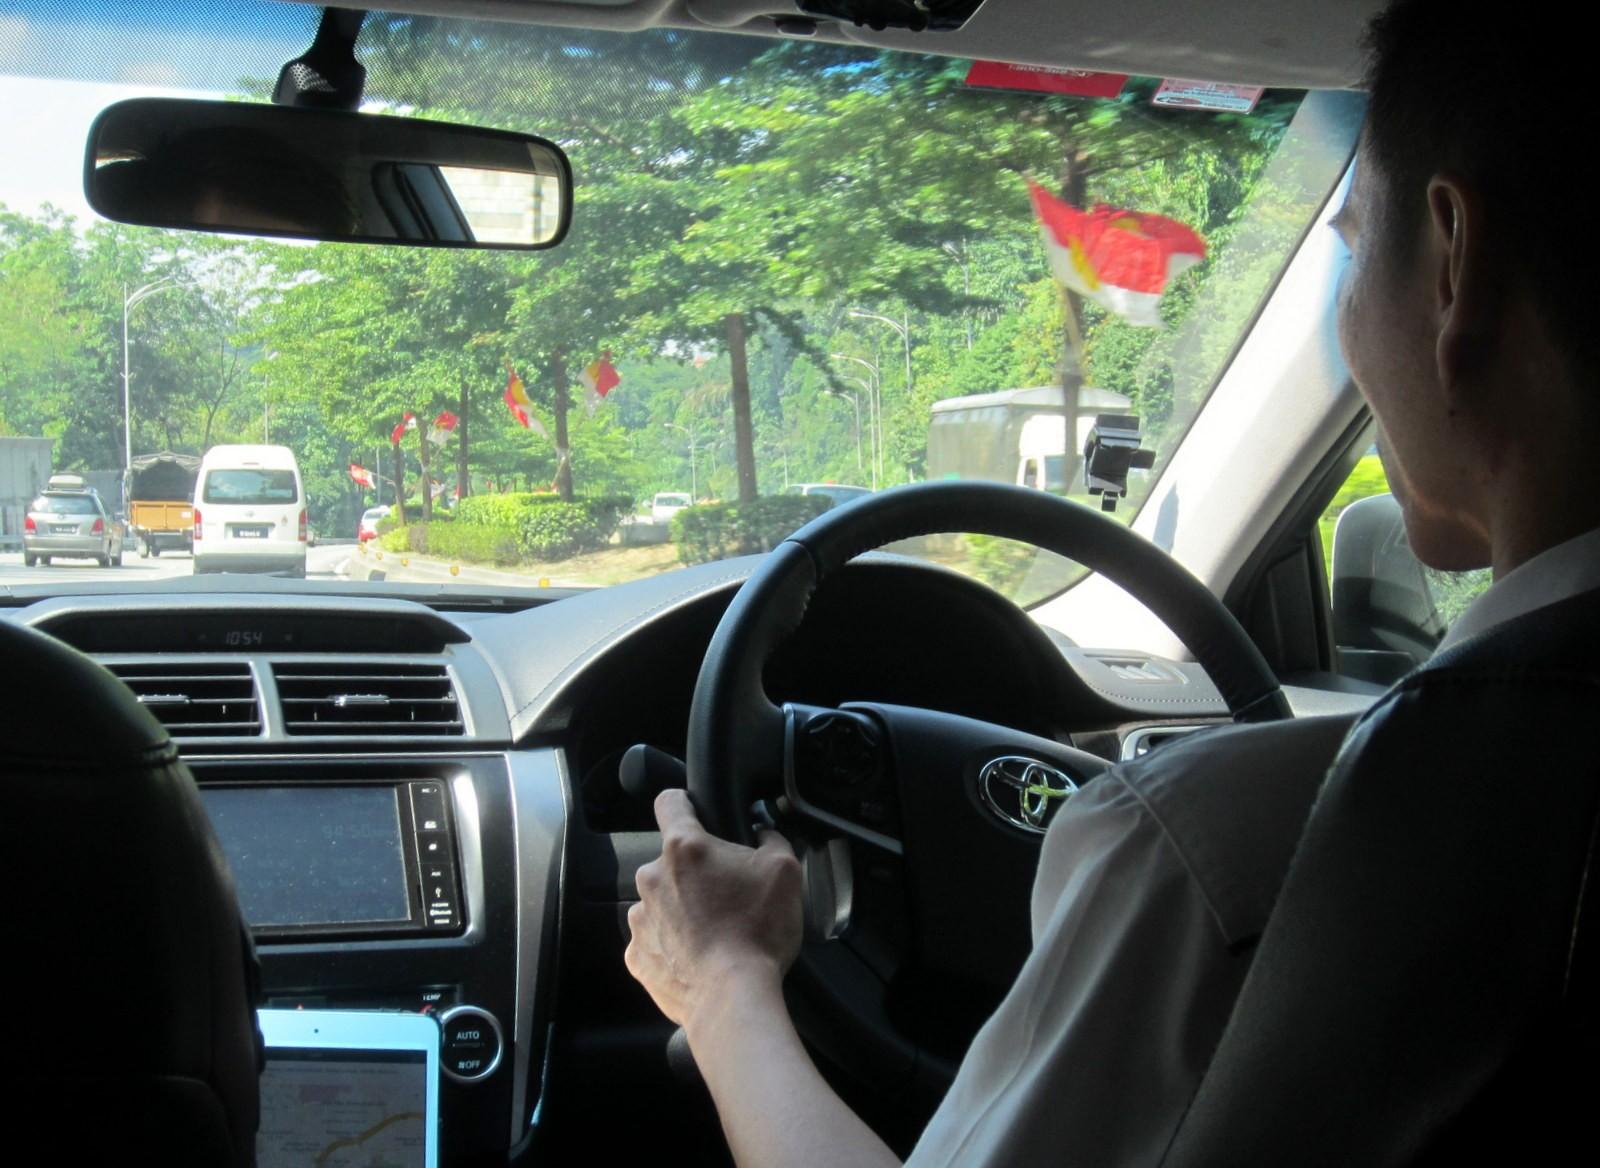 Uber taksi Malesiassa Kuala Lumpurissa